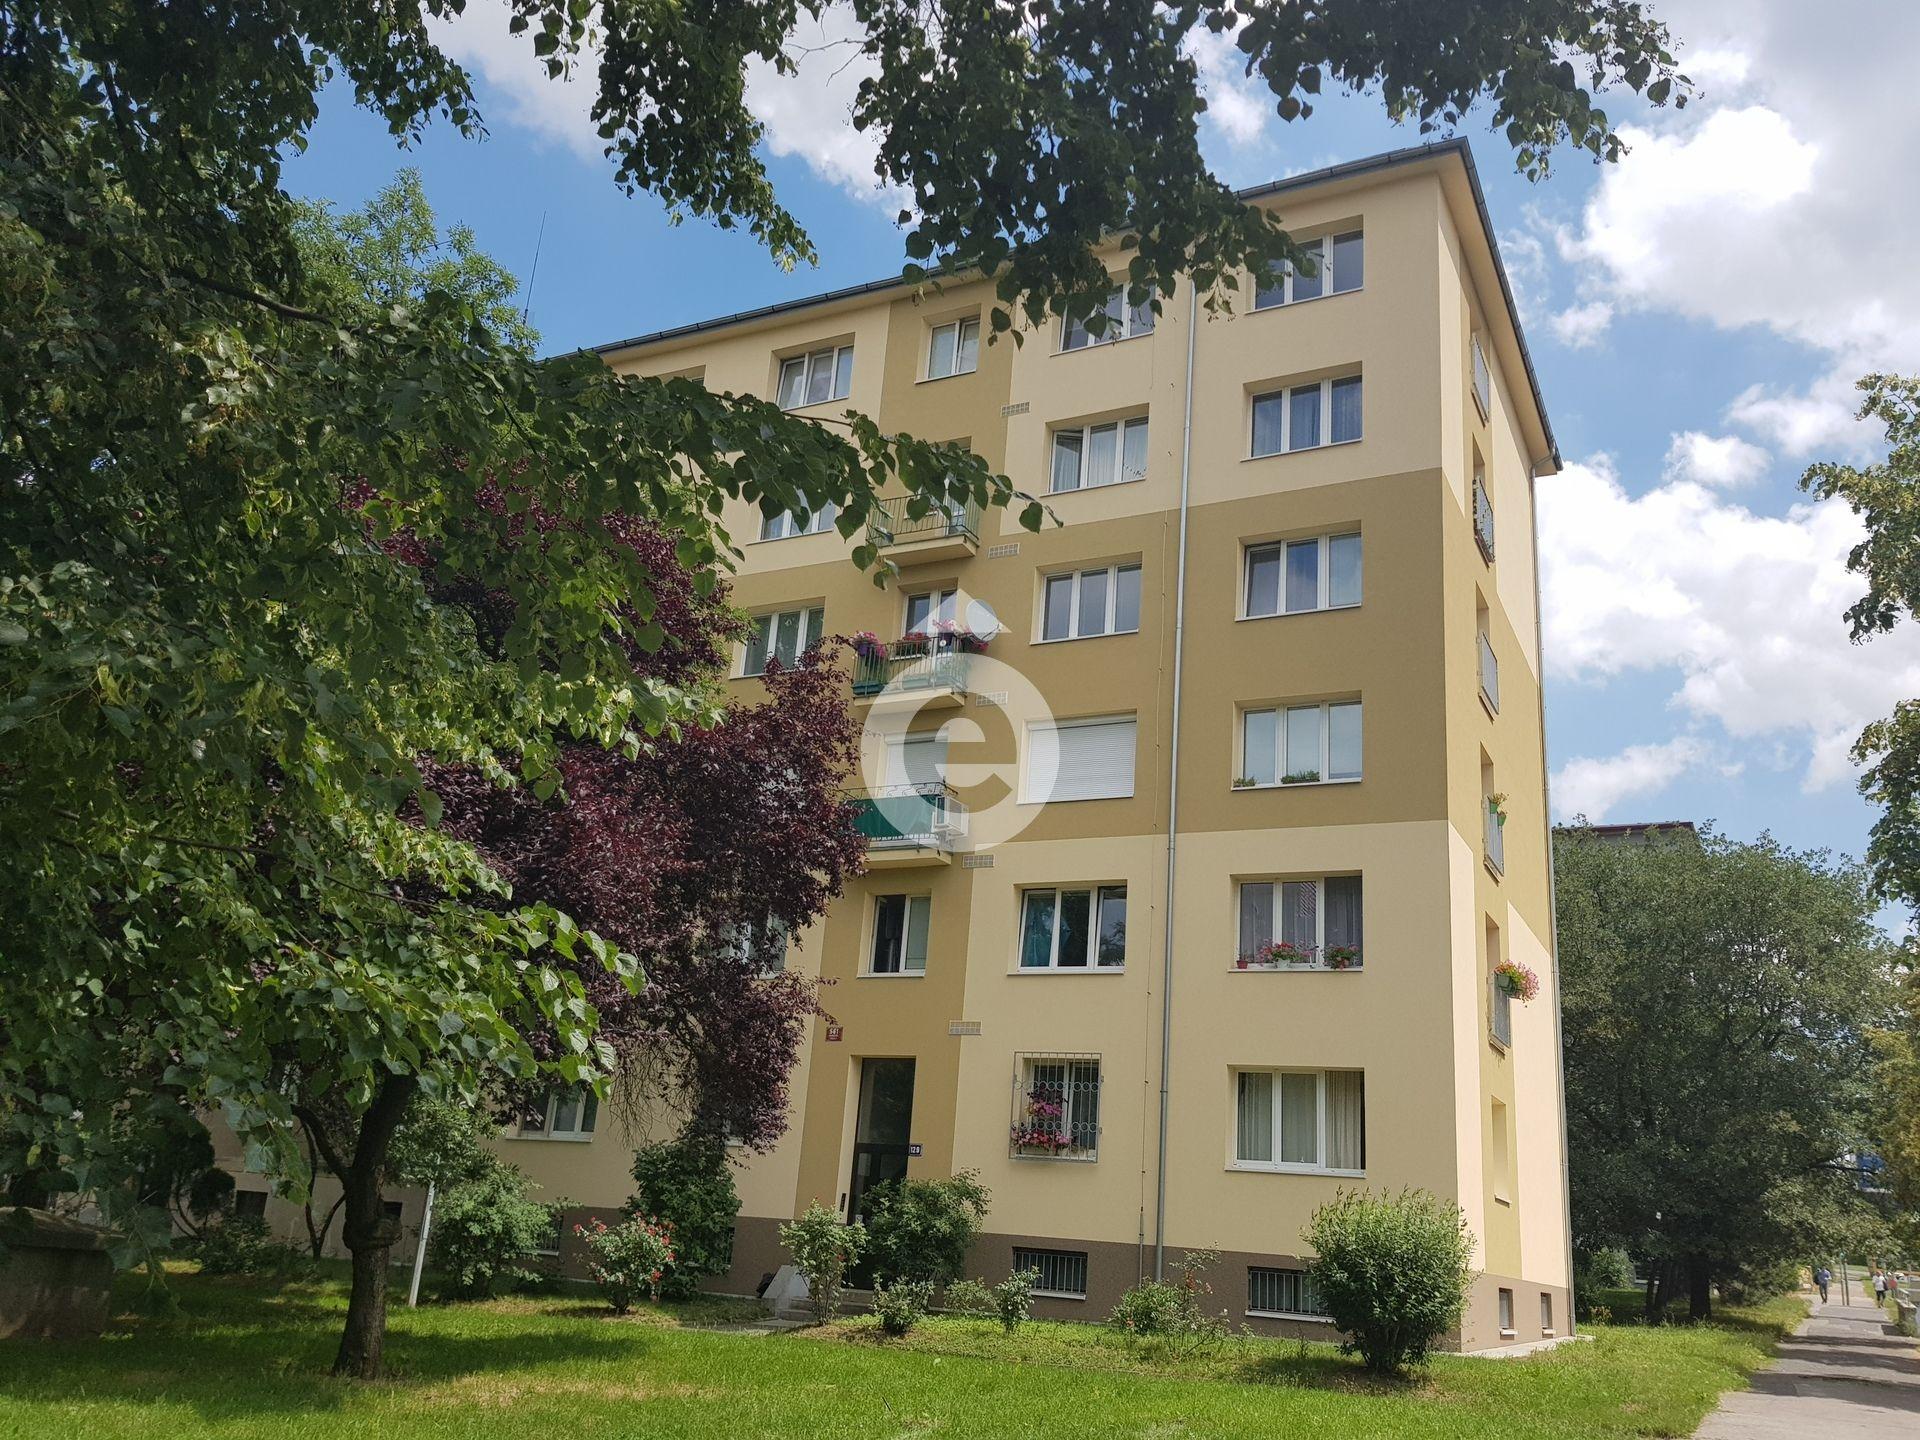 למכירה דירת 2+1 בגודל 48 מר בפראג 14 (1)